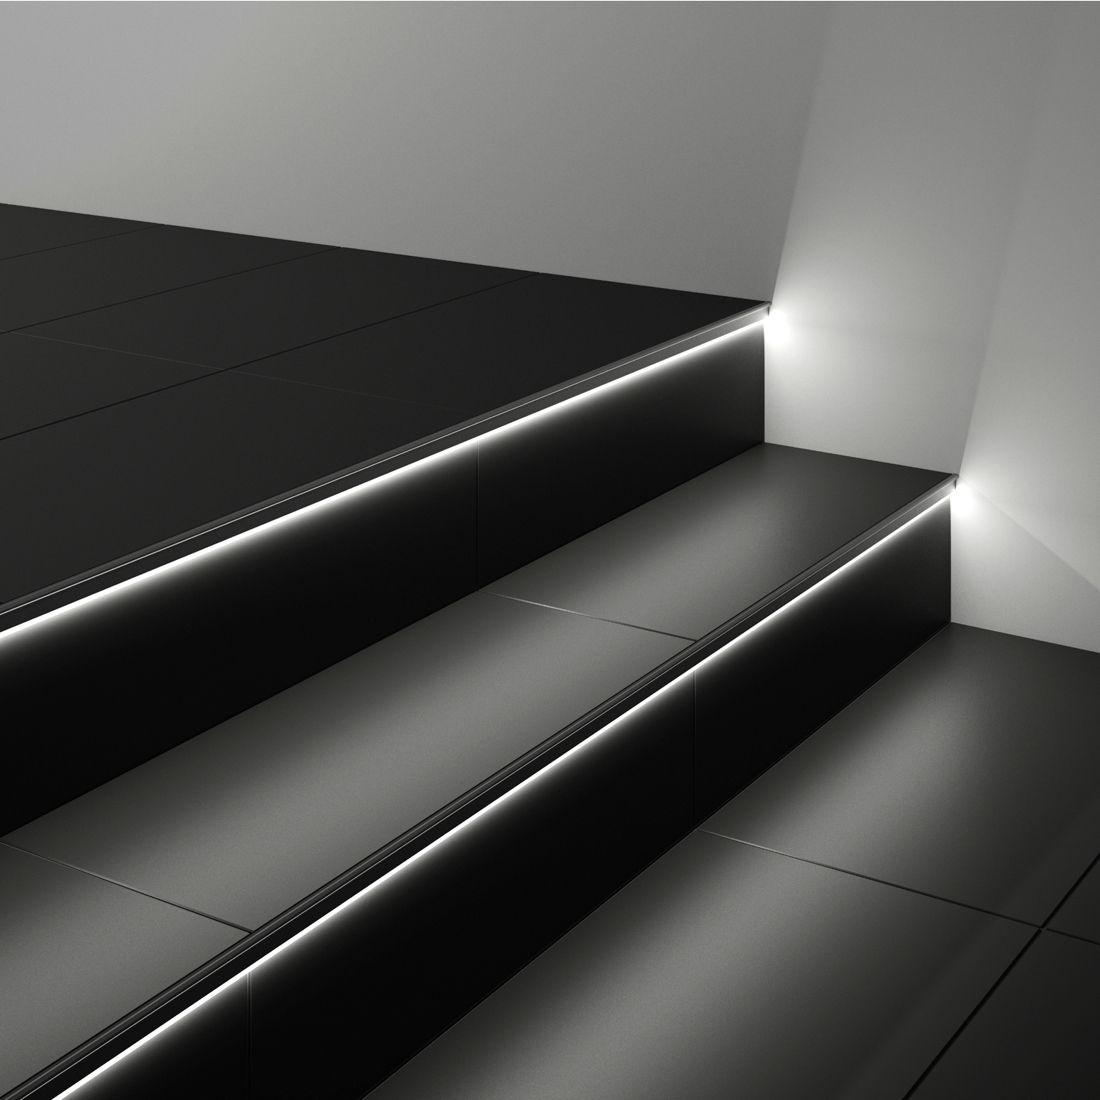 Unique Auch auf Treppen haben sich Fliesen als robuster dauerhaft sch ner Belag bew hrt Doch gilt